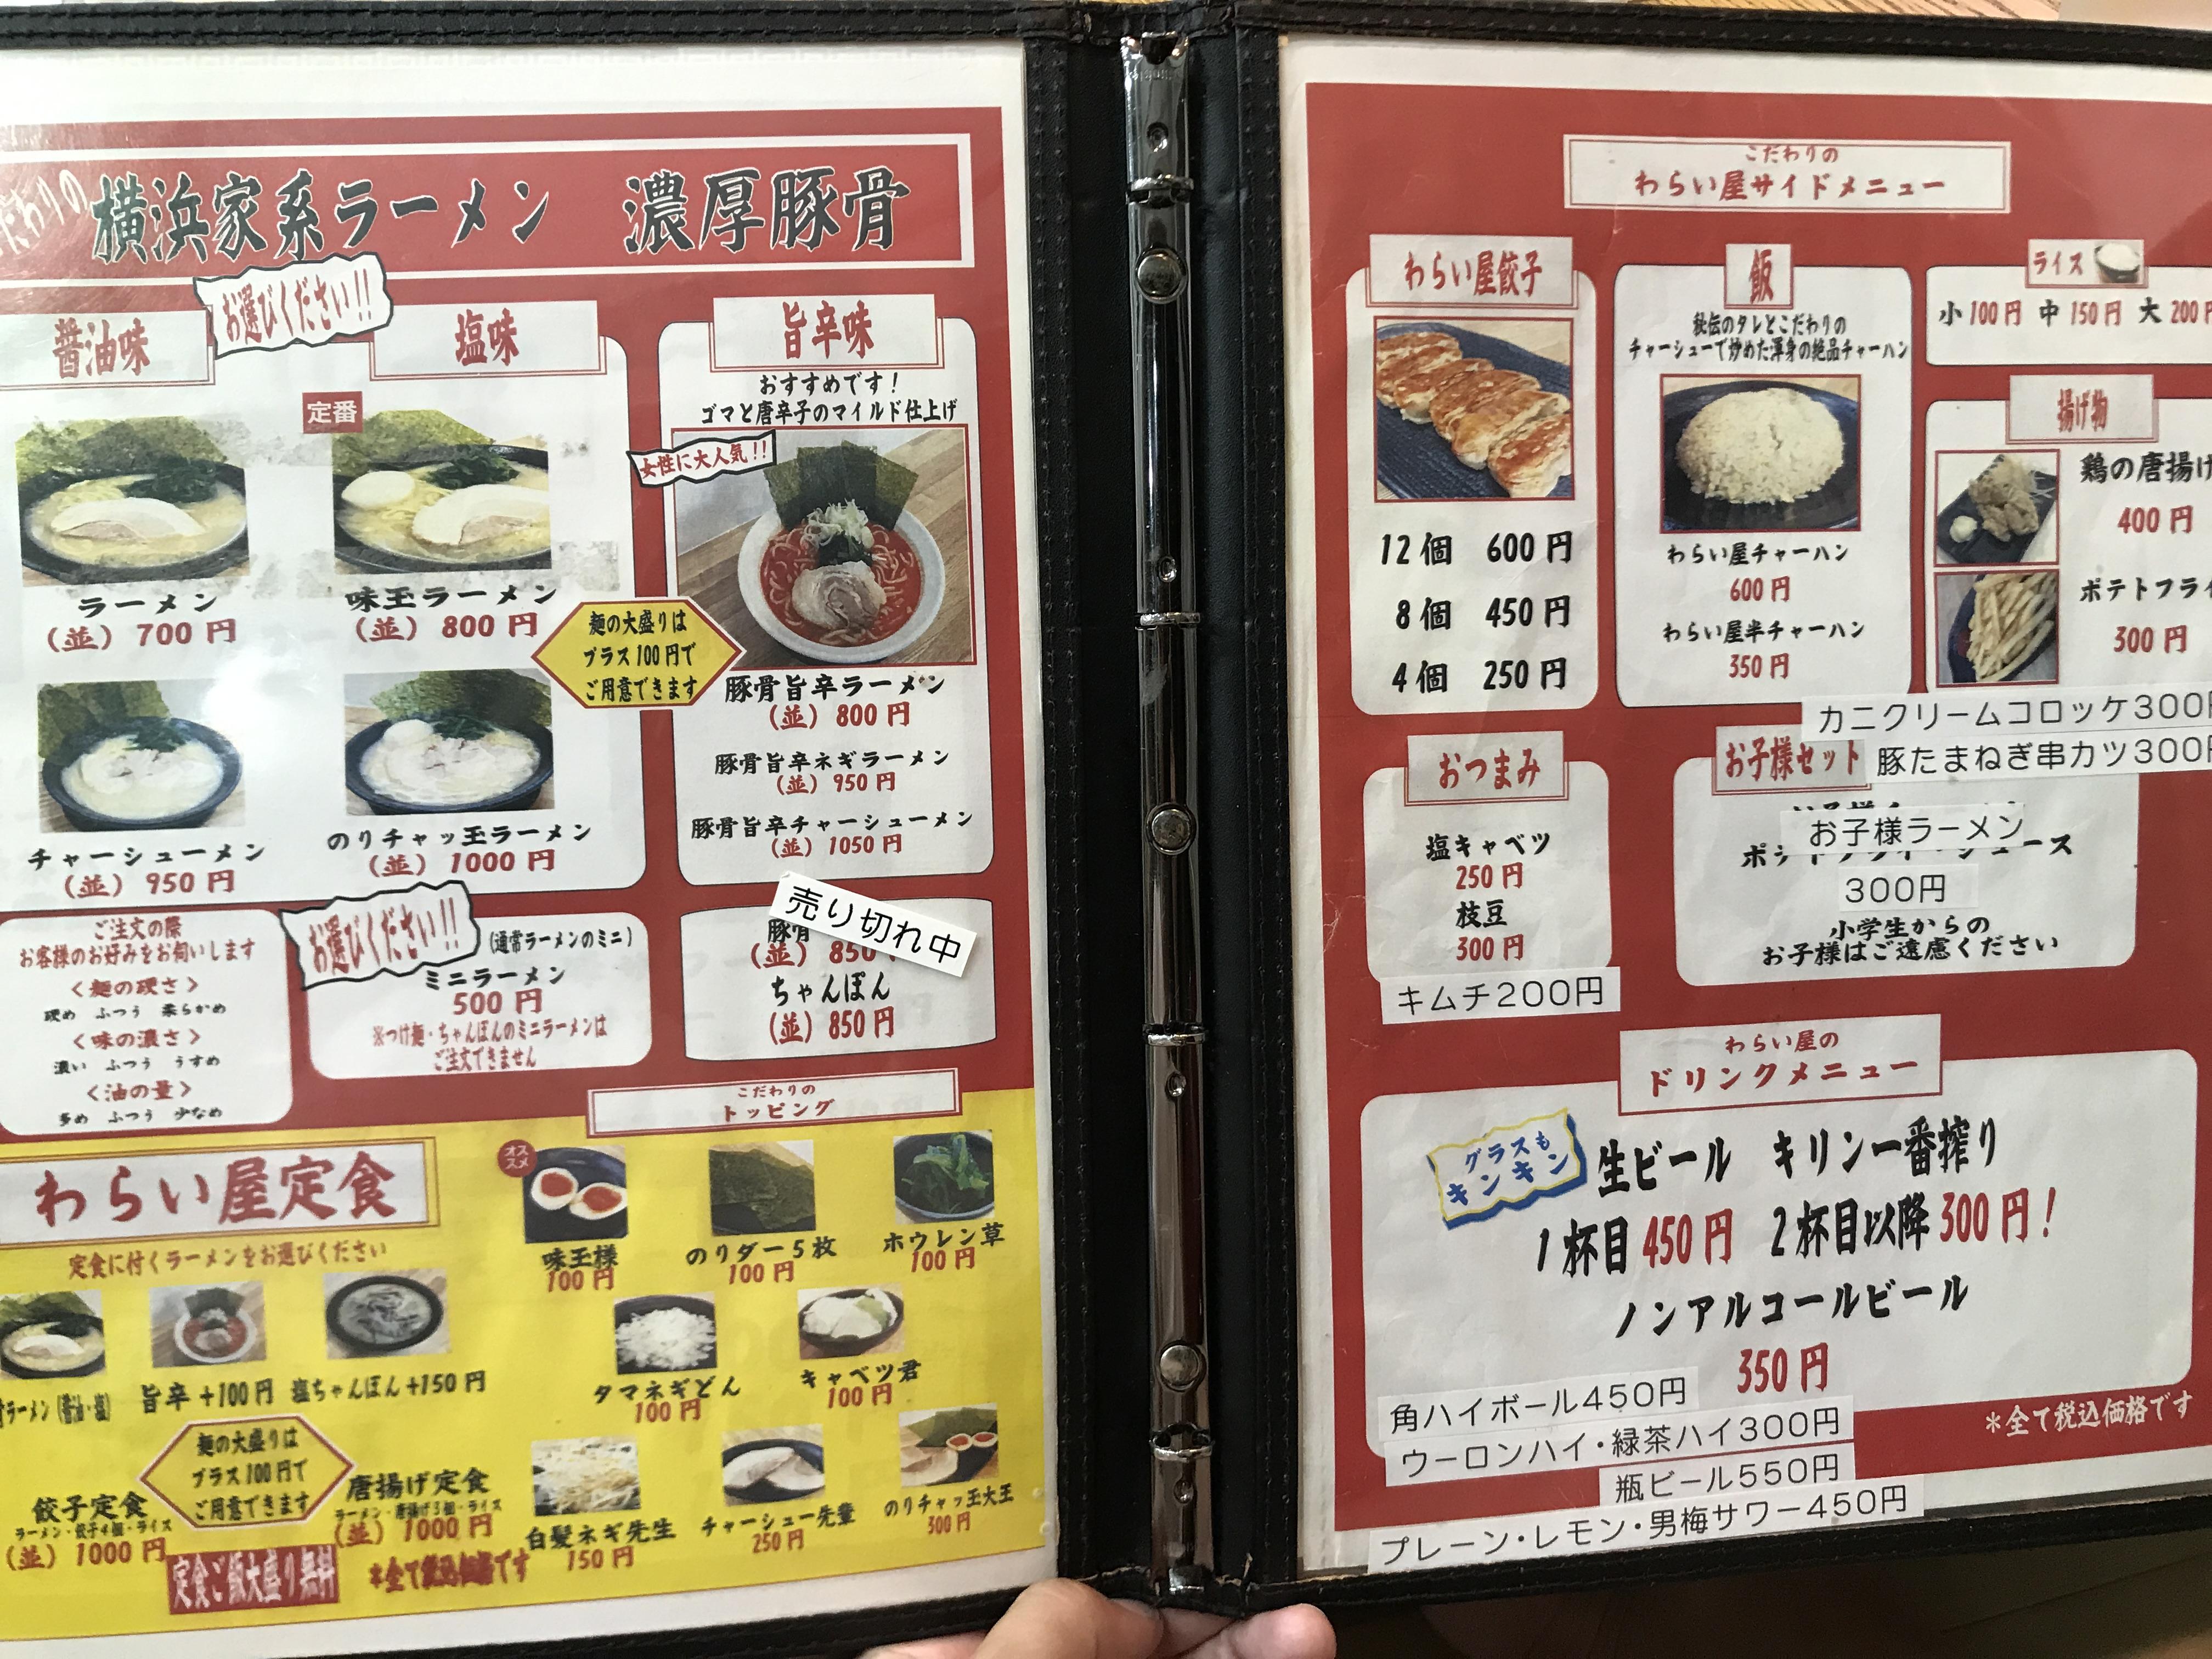 長野市川中島のラーメン屋「わらい屋」のメニュー